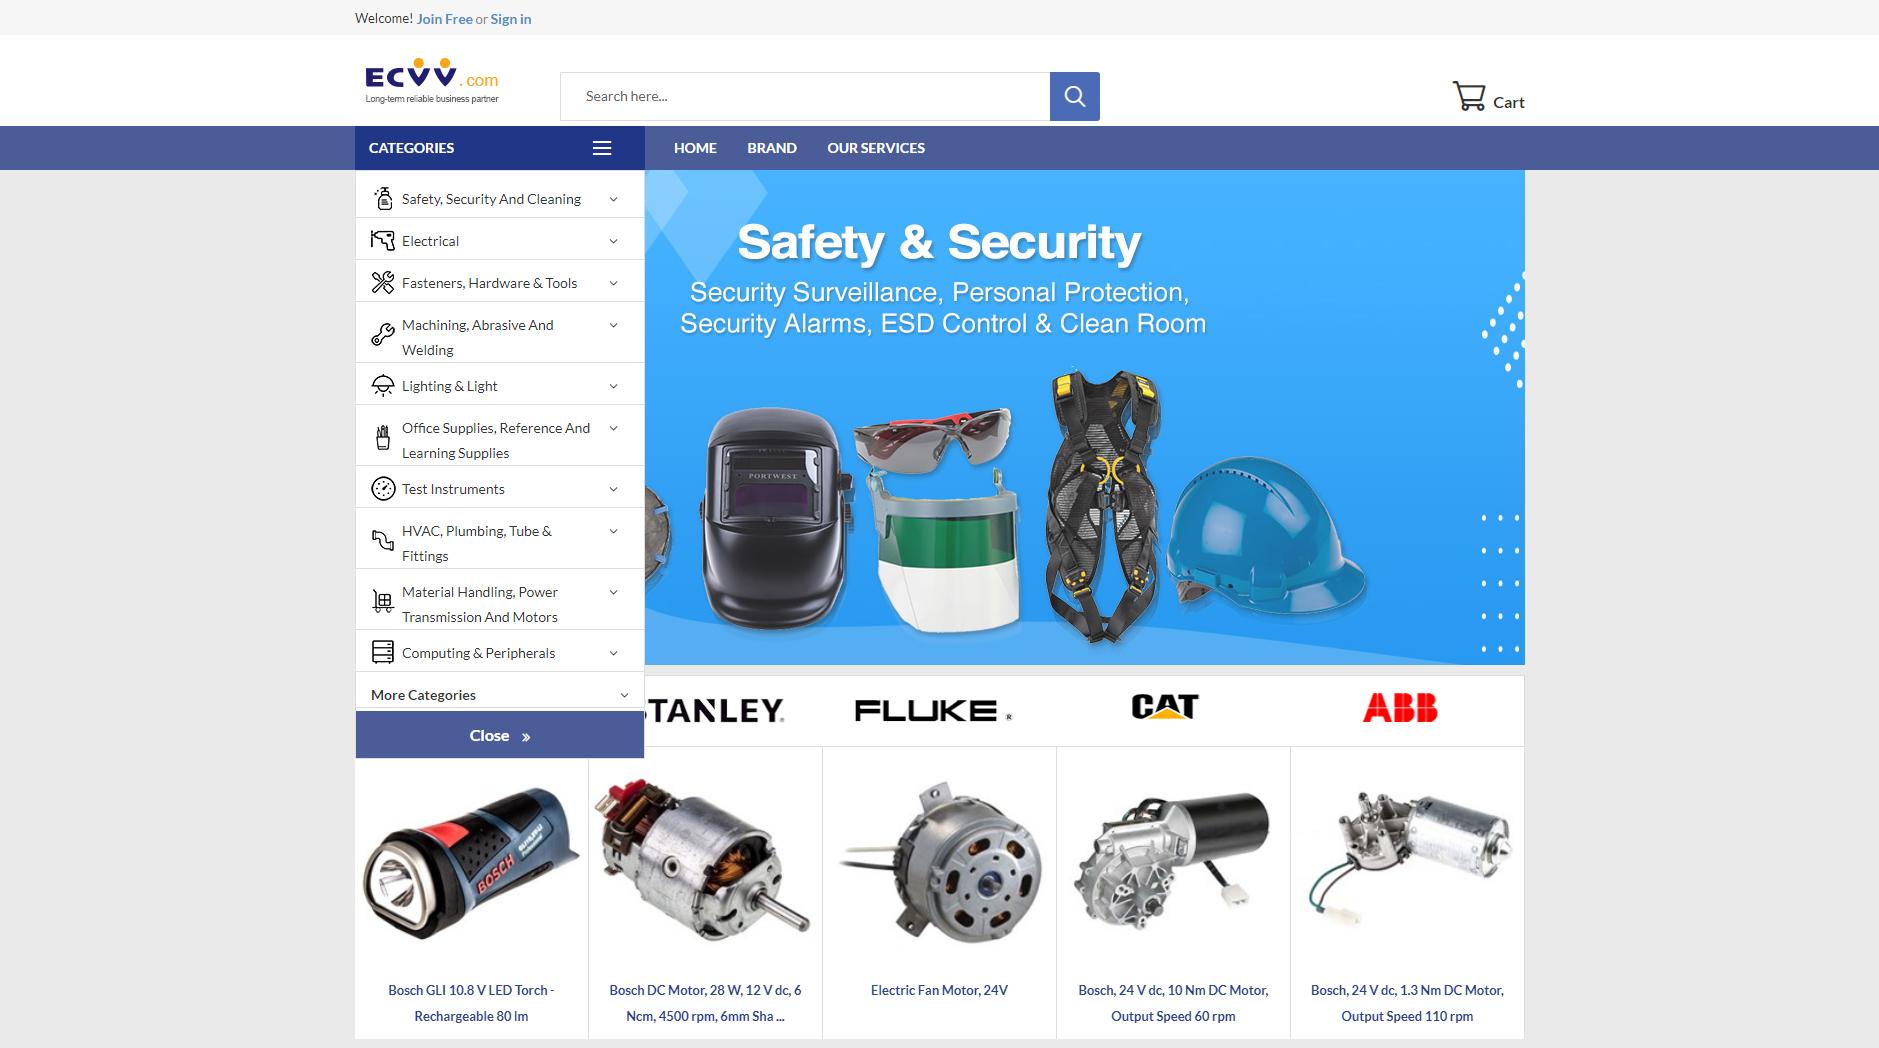 Servicio de Abastecimiento de Productos MRO rentable y unificado para compradores globales de MRO.ECVV.COM